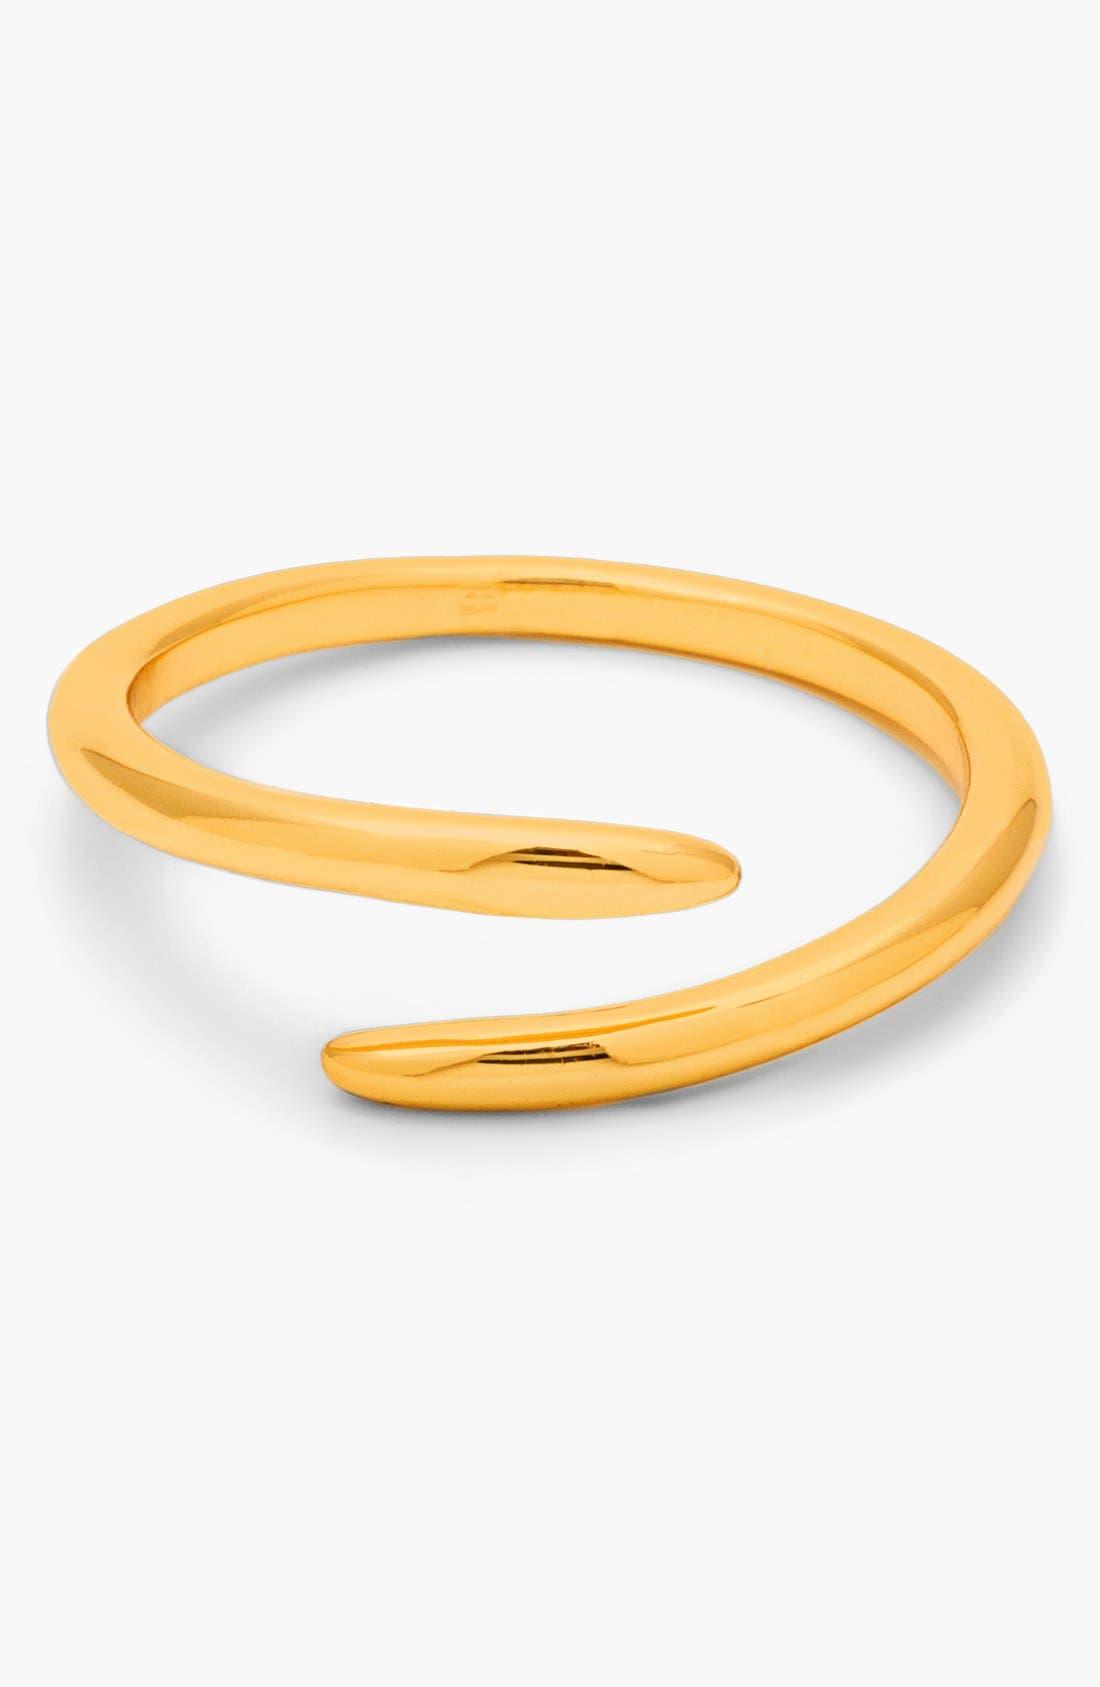 Alternate Image 1 Selected - gorjana 'Giselle' Midi Ring